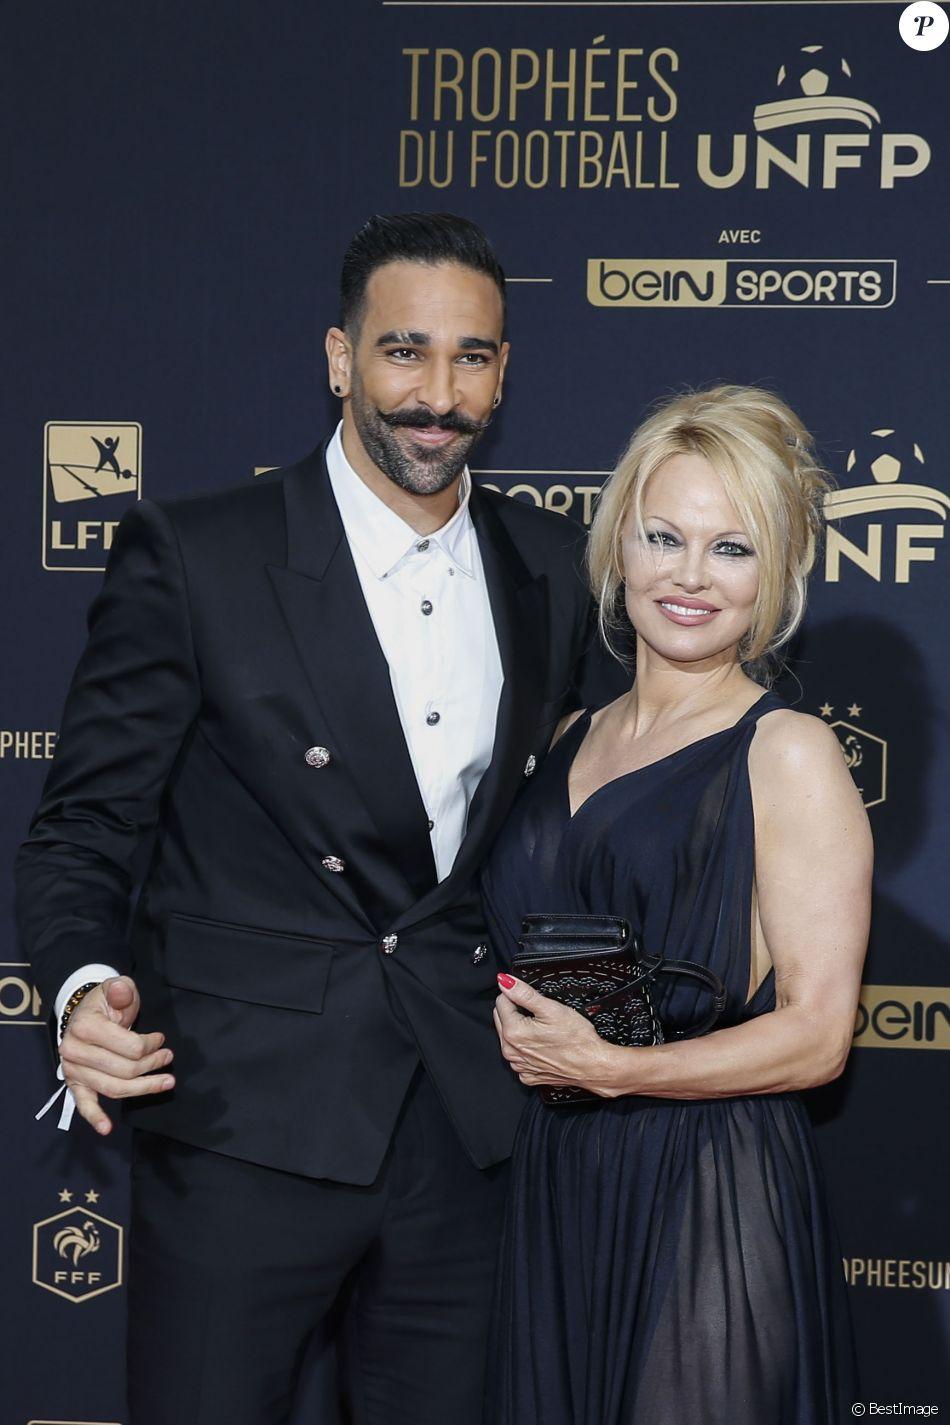 Adil Rami et Pamela Anderson au photocall de la 28e cérémonie des trophées UNFP (Union nationale des footballeurs professionnels) au Pavillon d'Armenonville à Paris, France, le 19 mai 2019.